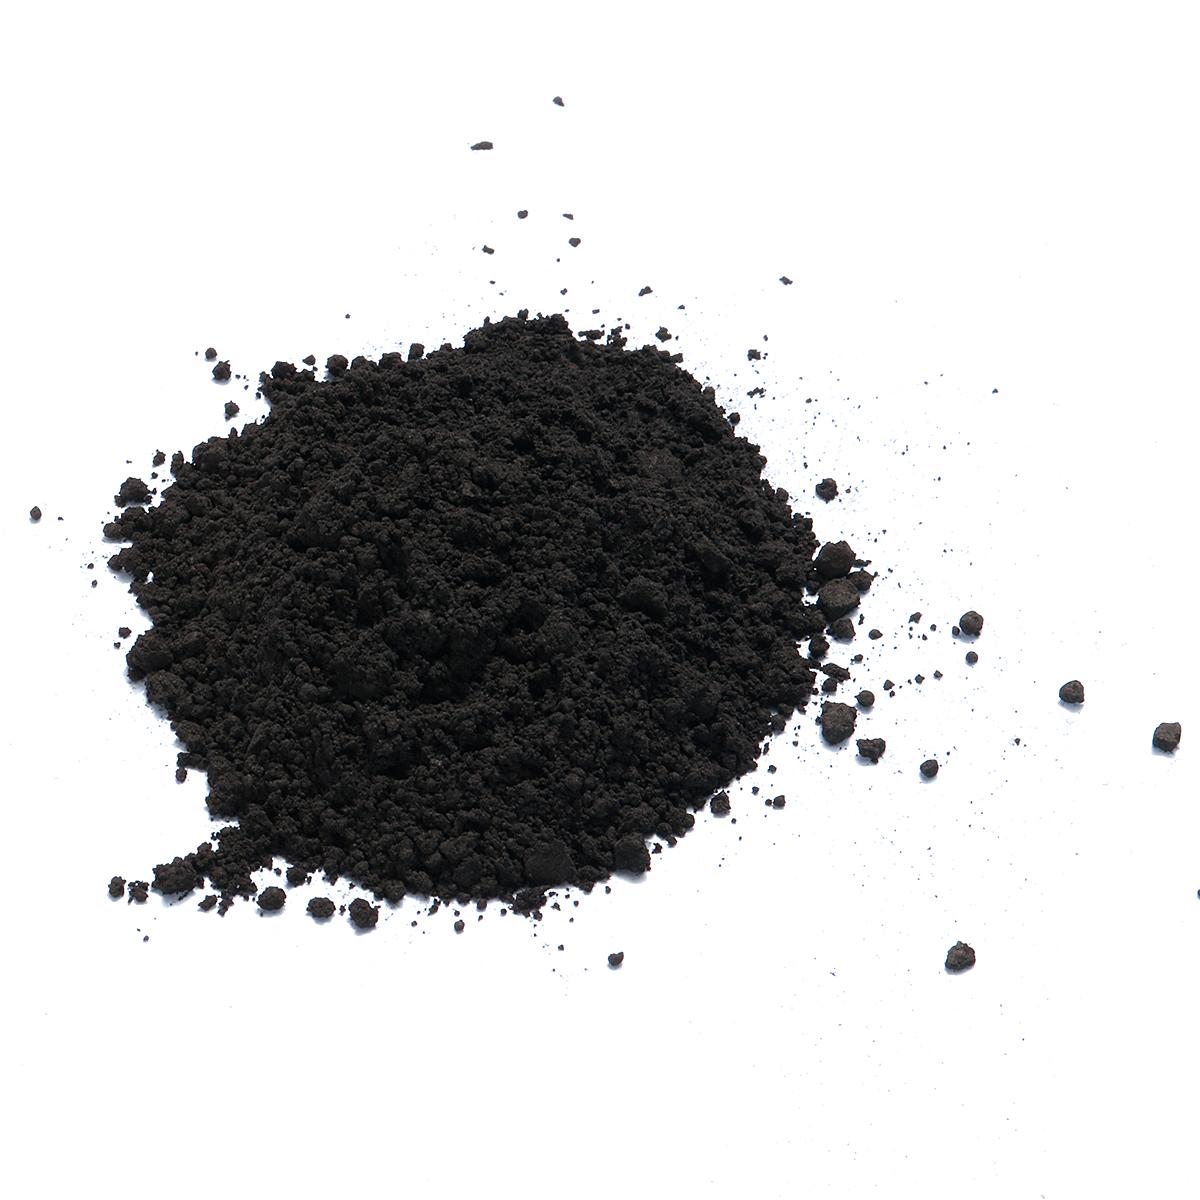 350 г Порошок черного графита 5 Микрона ультра тонкий 99,9% Чистый Военный Сорт - фото 3